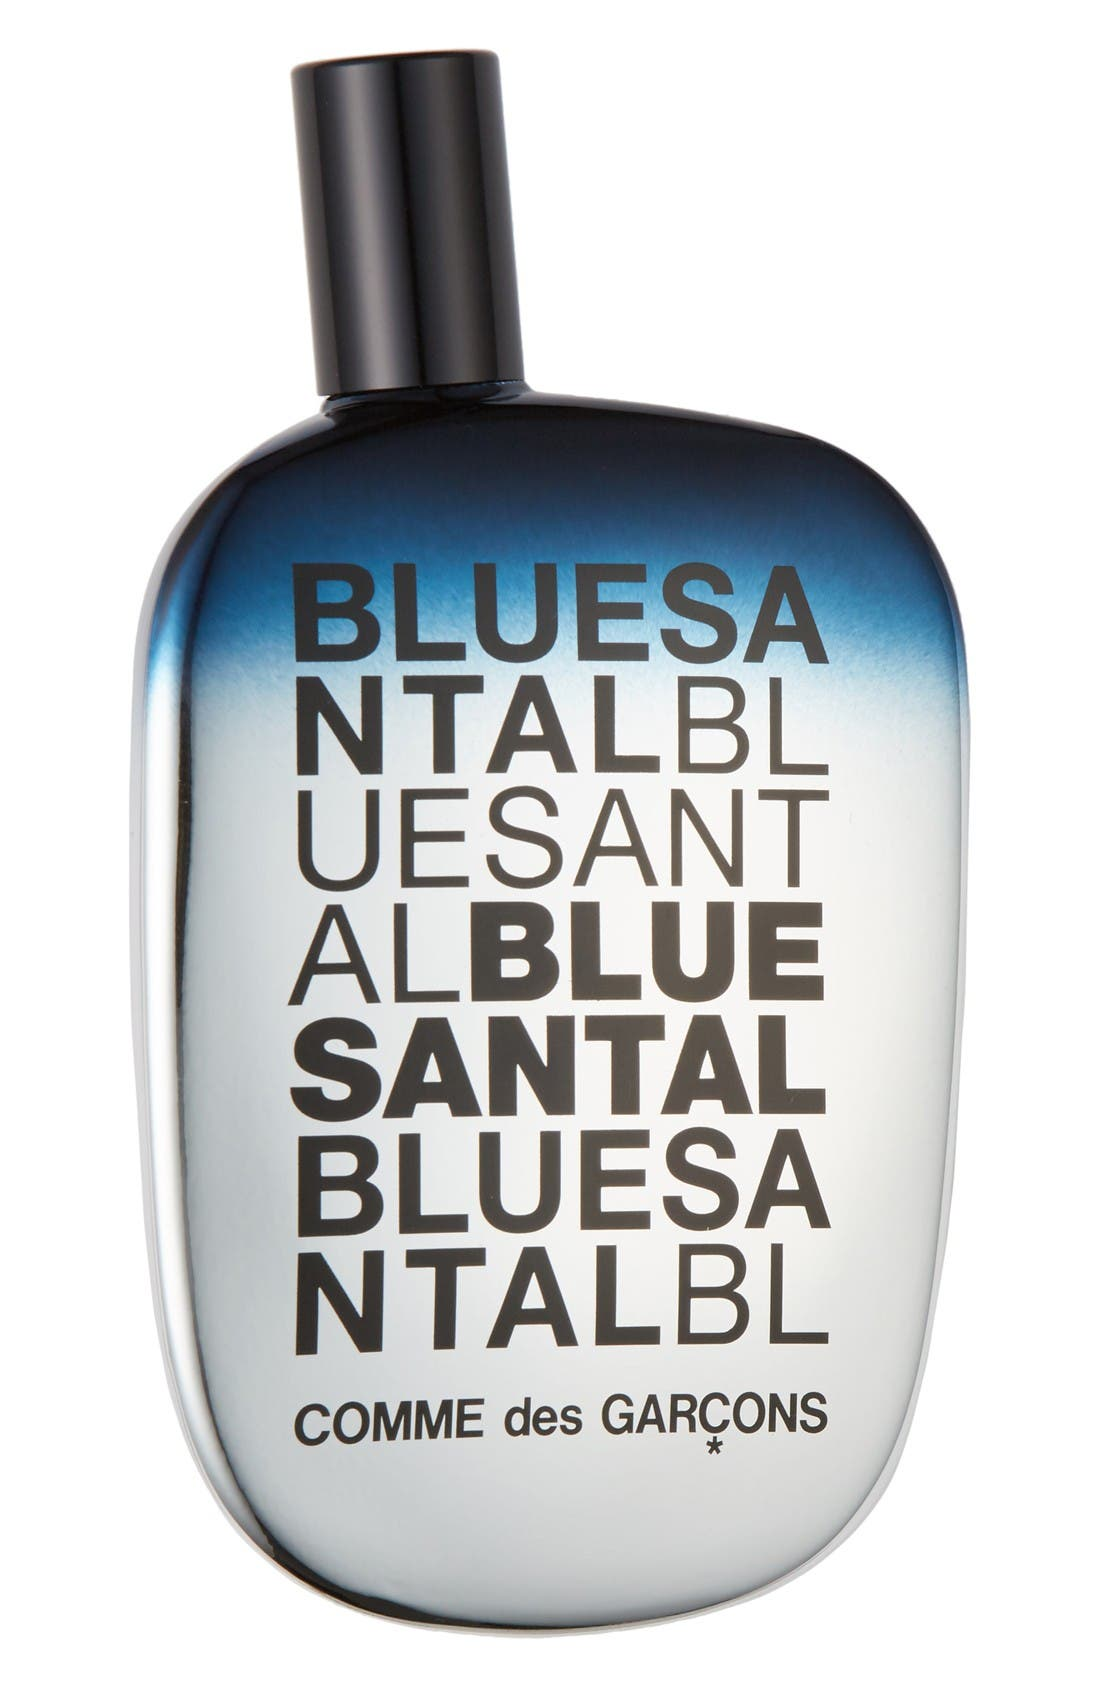 COMME DES GARÇONS Blue Santal Eau de Parfum